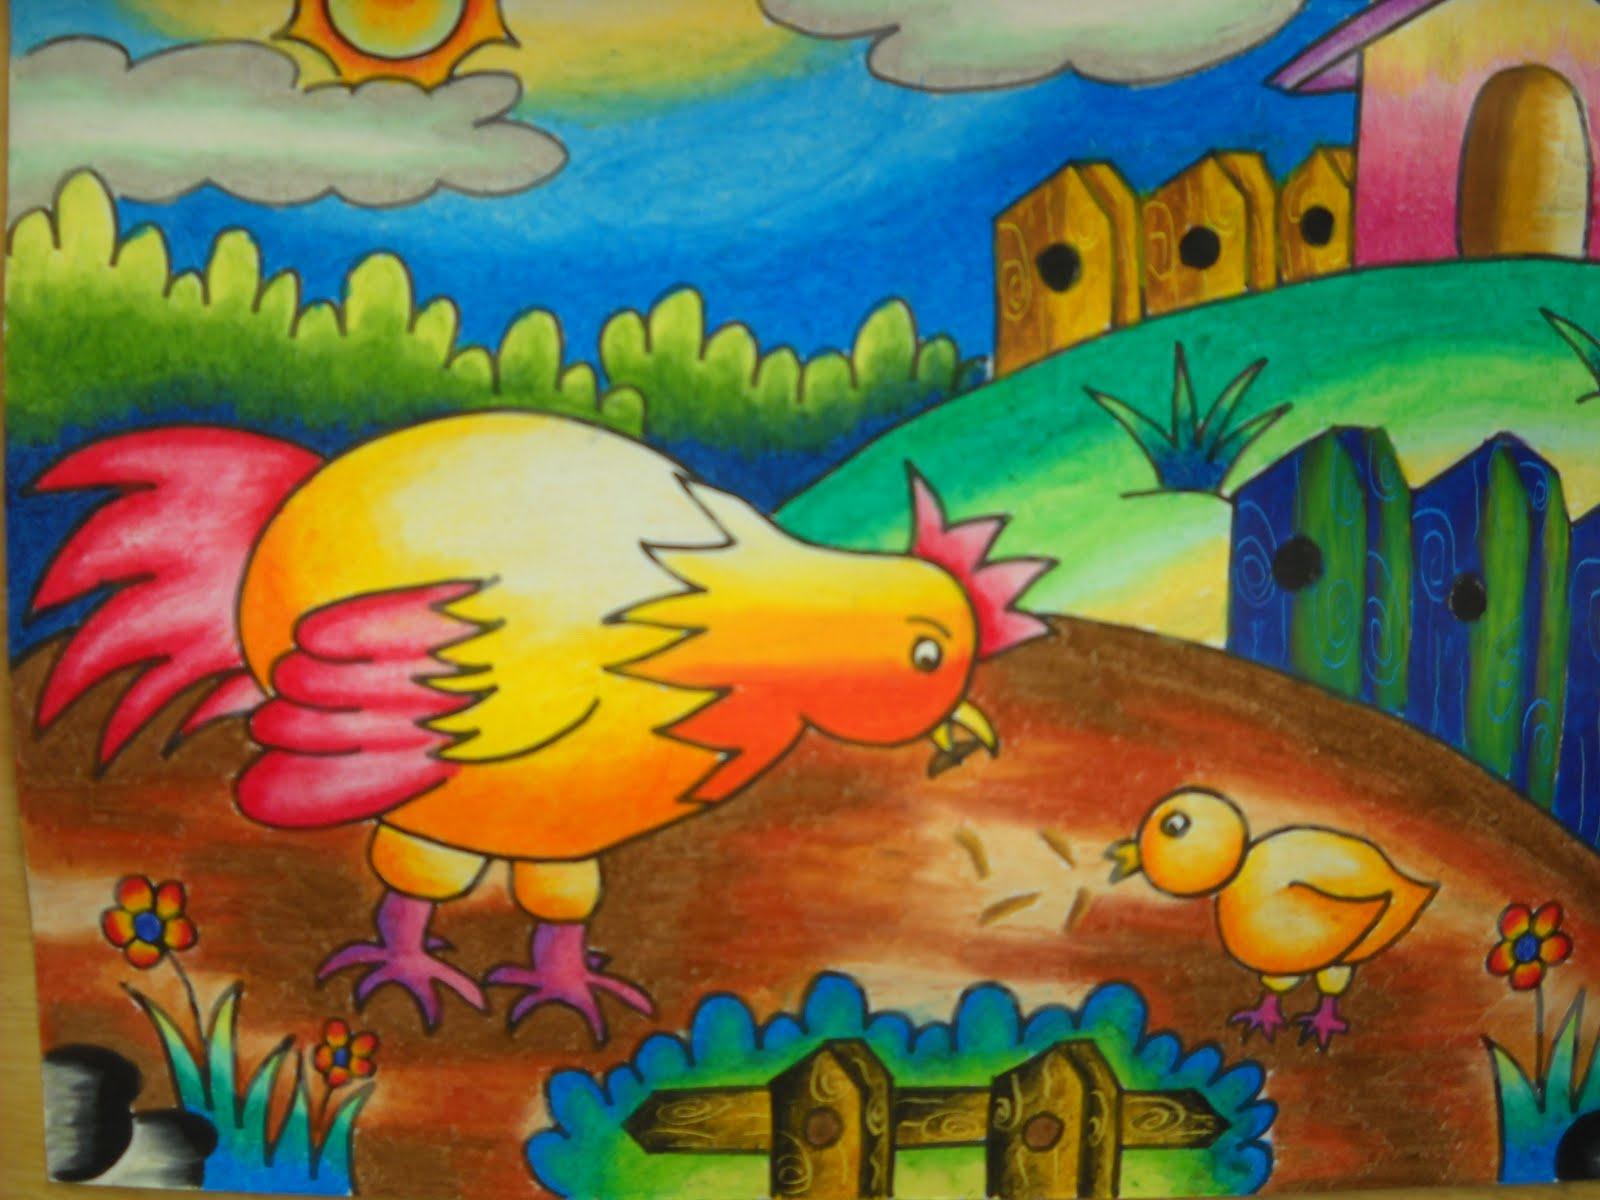 contoh hasil karya anak dalam mewarnai gambar